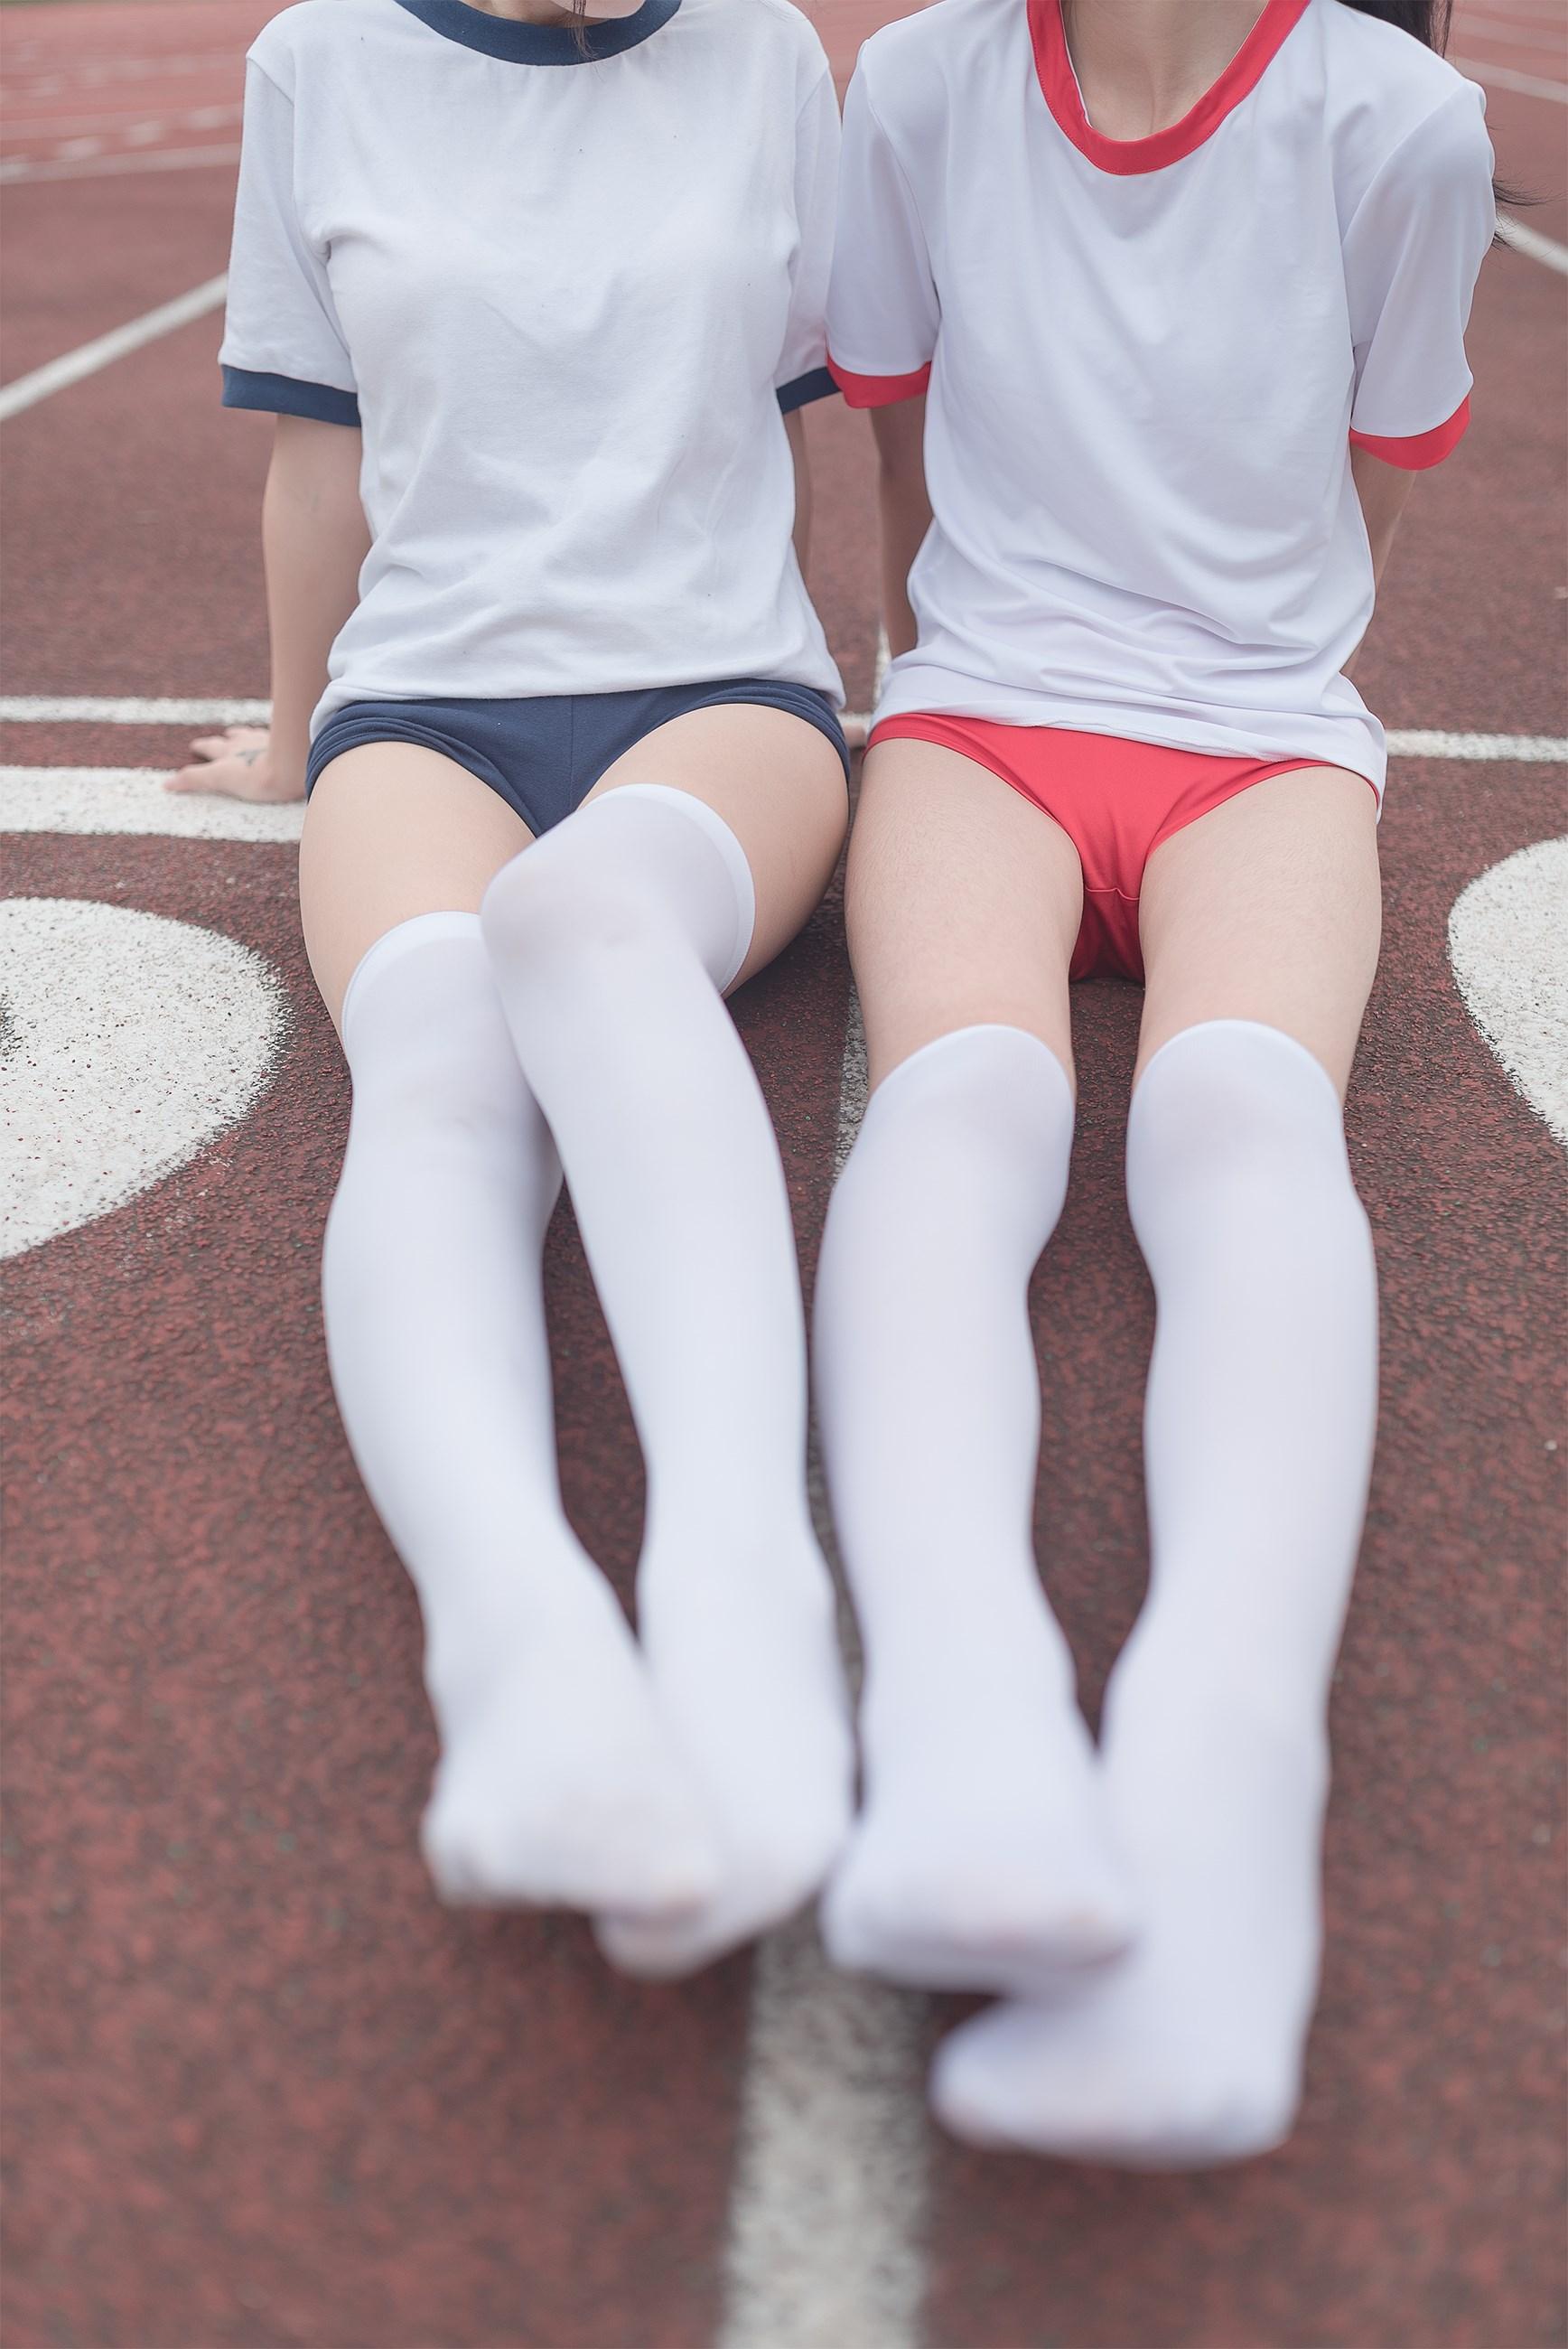 【兔玩映画】百合体操服少女 兔玩映画 第33张